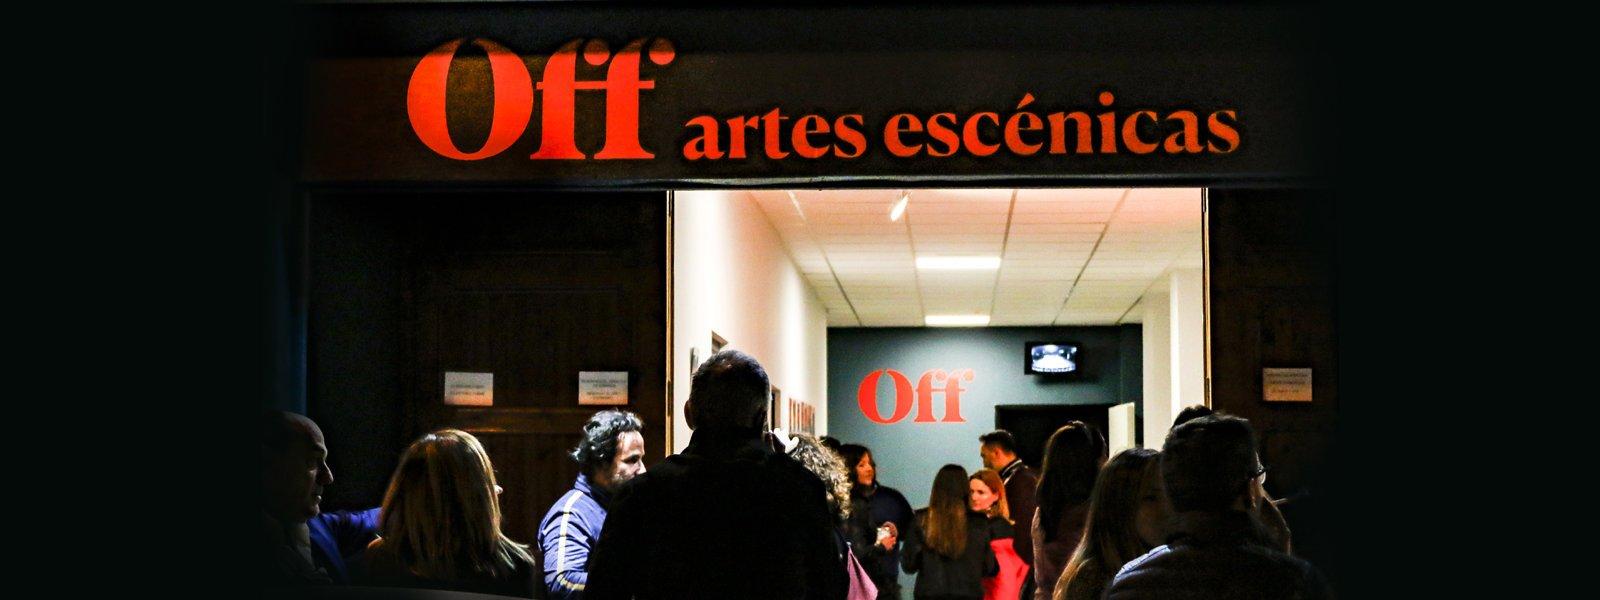 Sala OFF, localització per a la representació d'espectacles